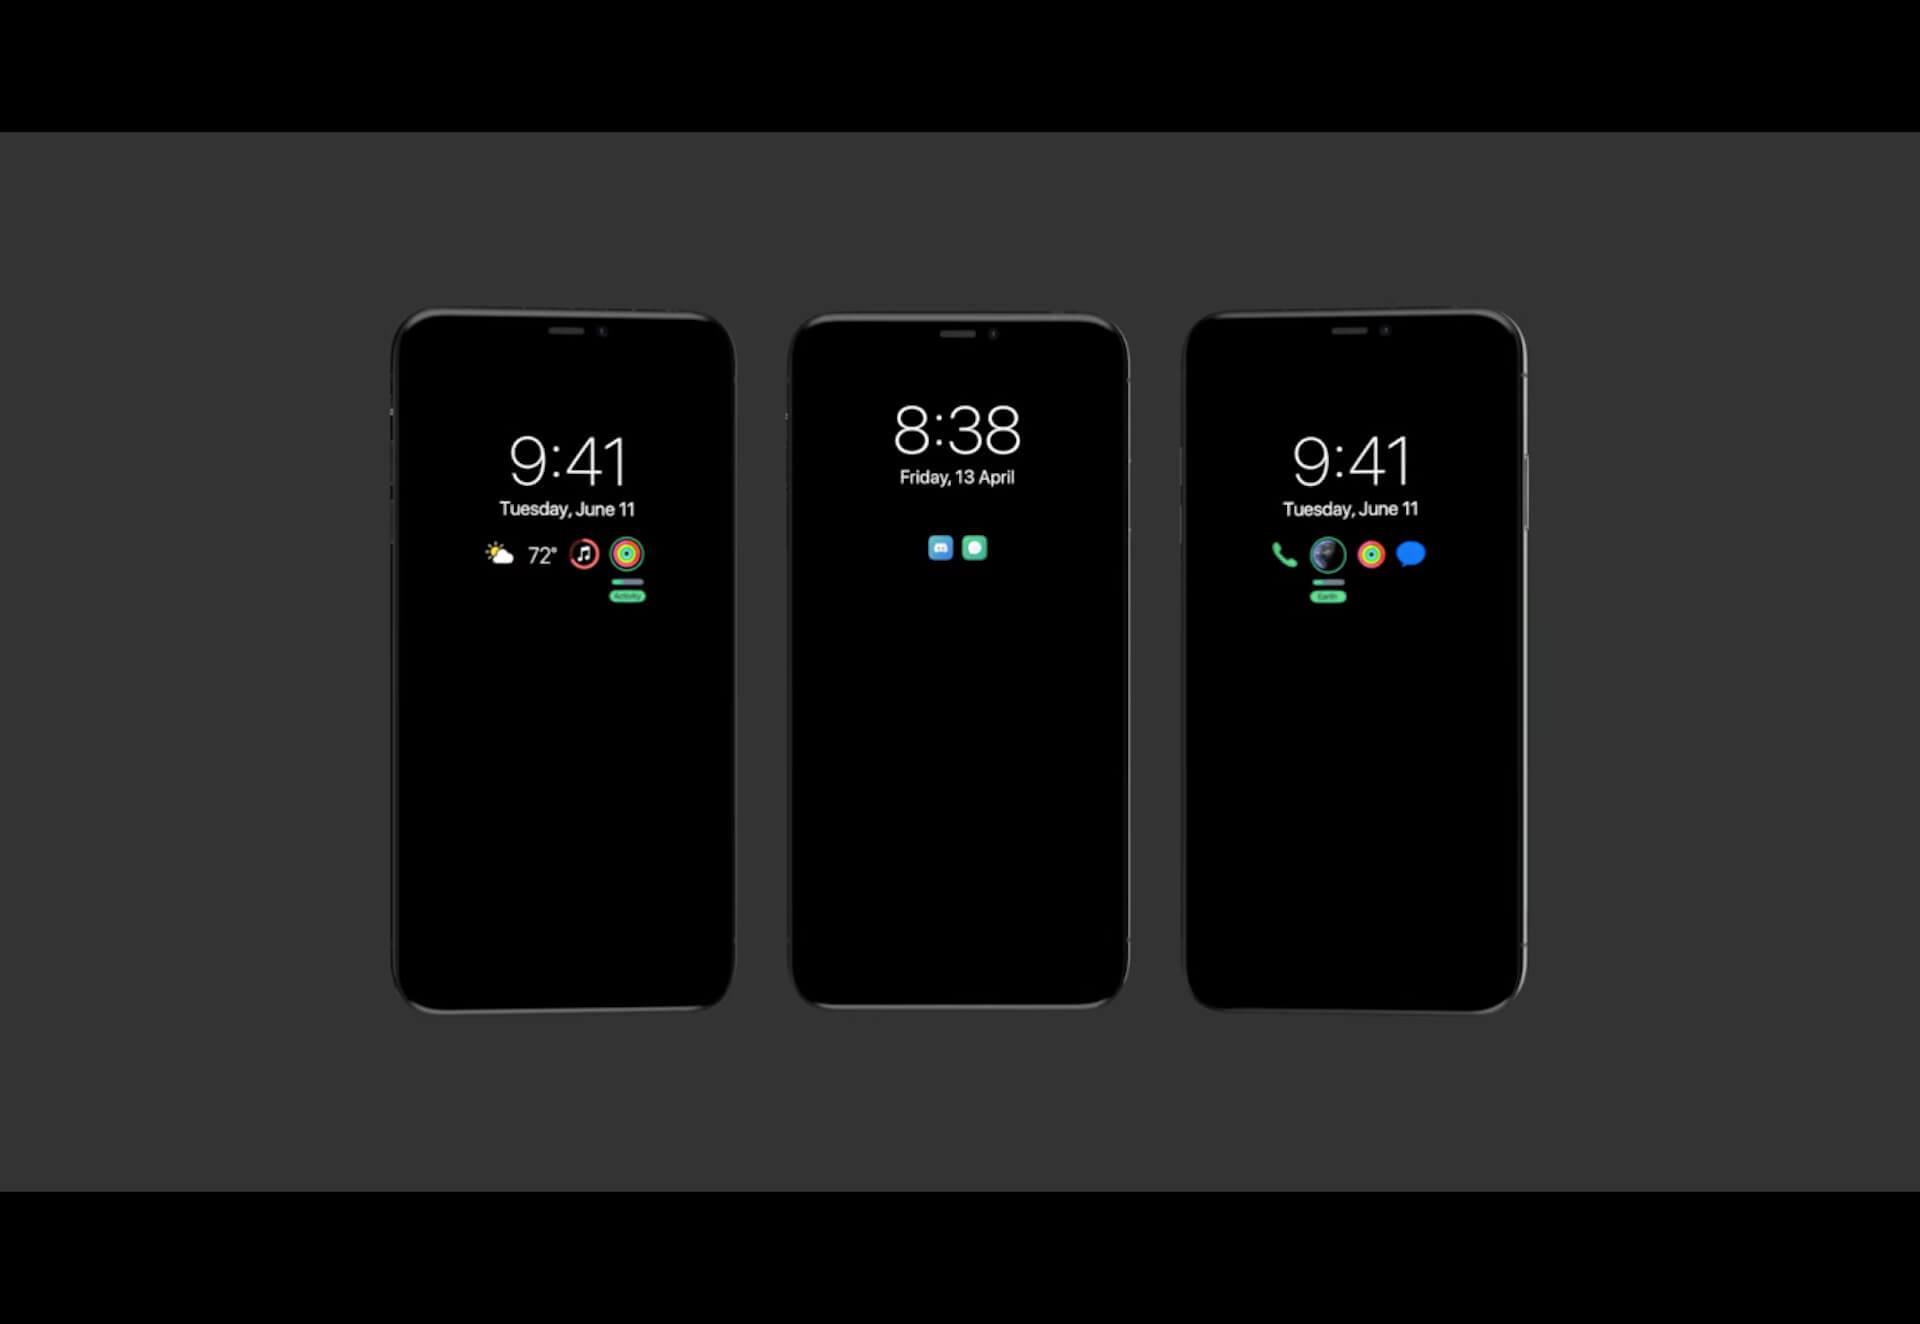 iPhone 13にはApple Watch Series 6と同様のディスプレイ「常にオン」機能が搭載される? tech210215_iphone13_main